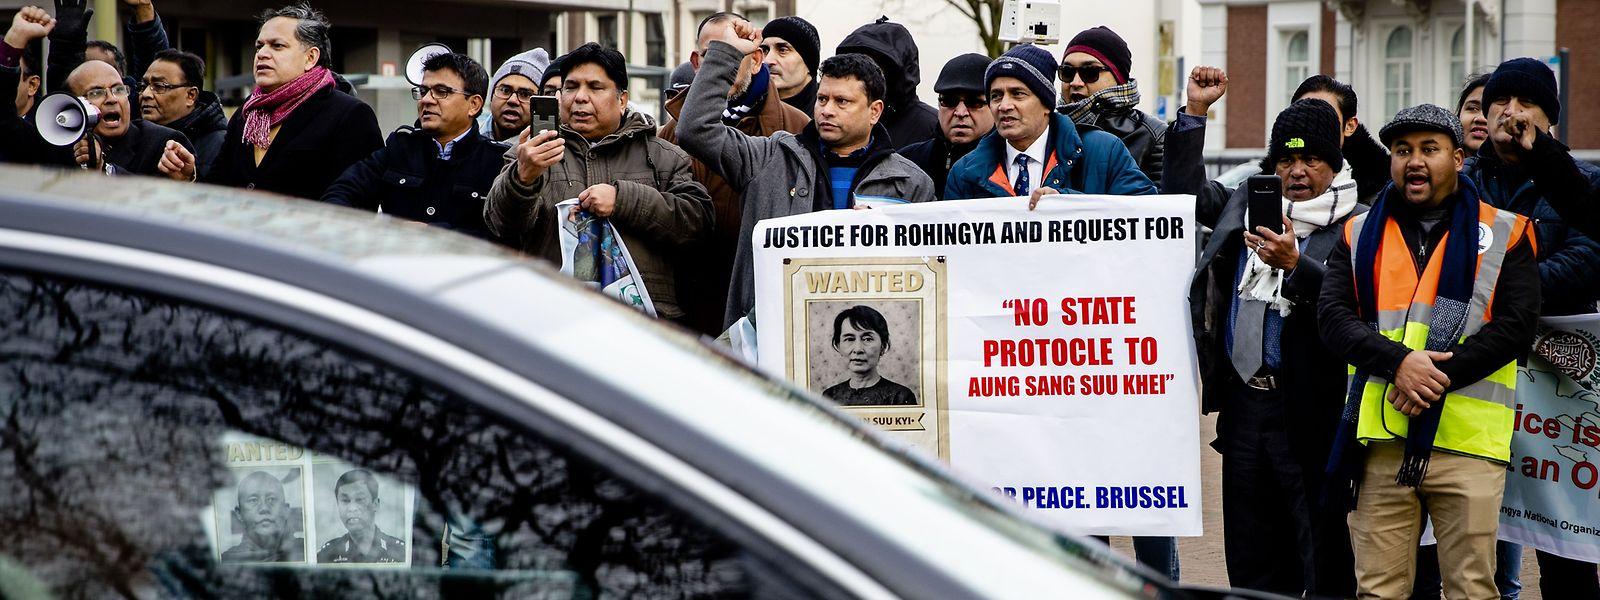 Rohingya-Flüchtlinge in den Niederlanden demonstrieren in den Den Haag gegen die Friedensnobelpreisträgerin Suu Kyi.